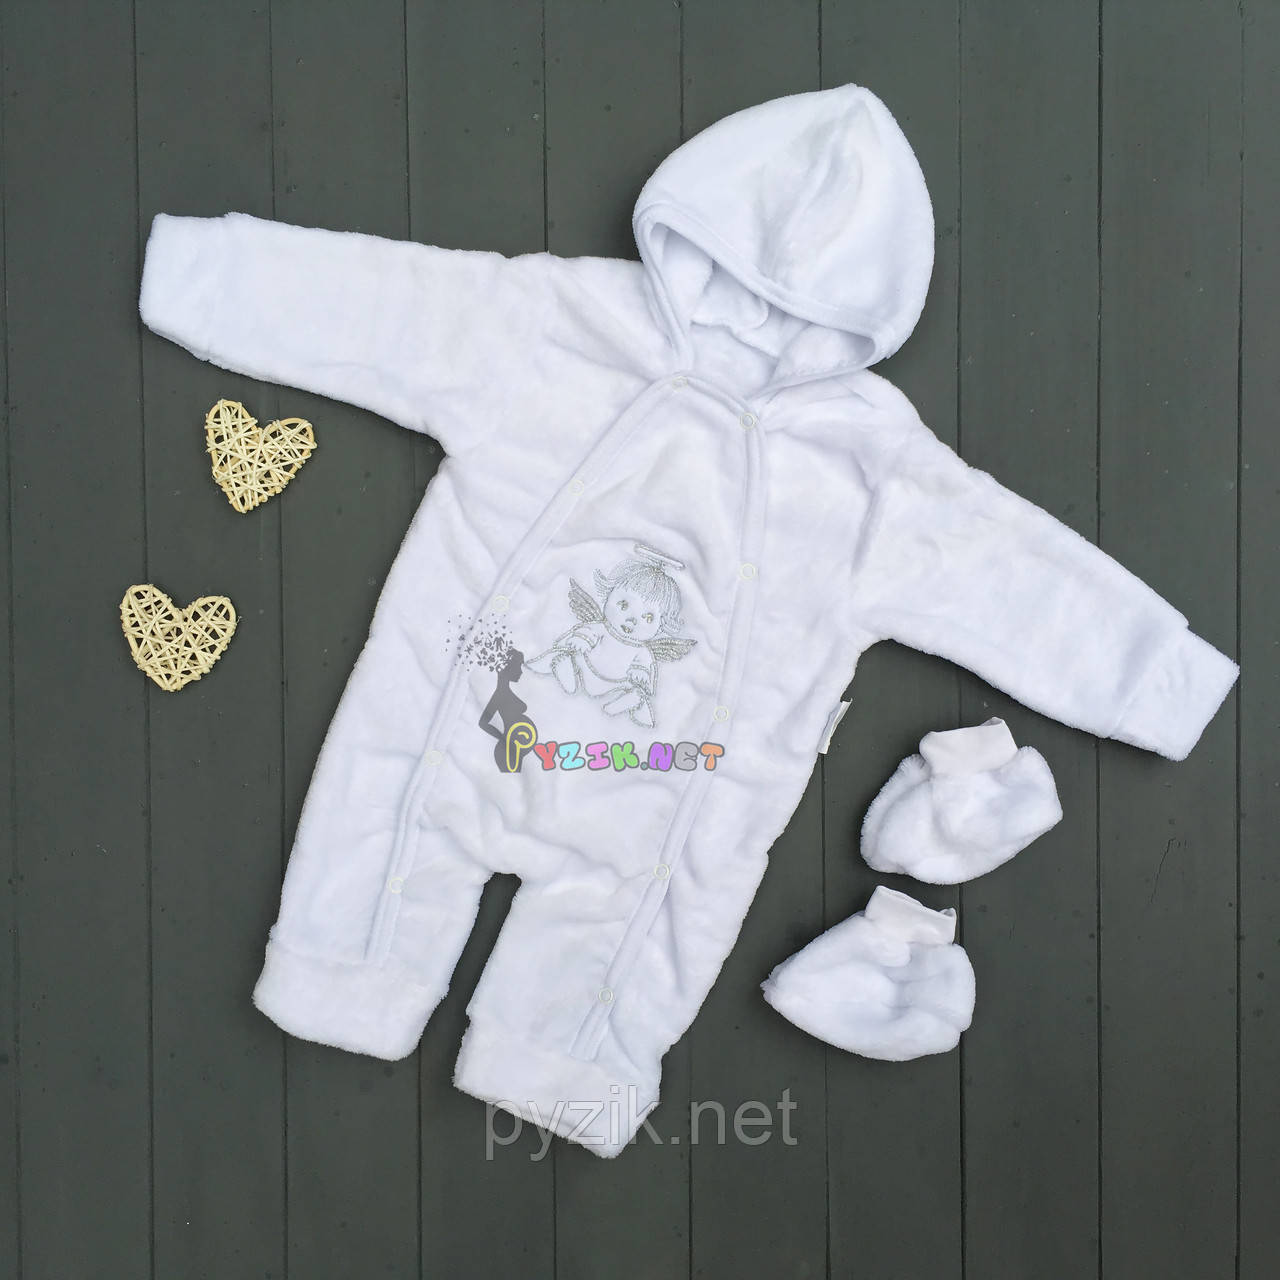 Комплект для новорожденного (человечек+пинетки) махра белый, 3-6 месяцев